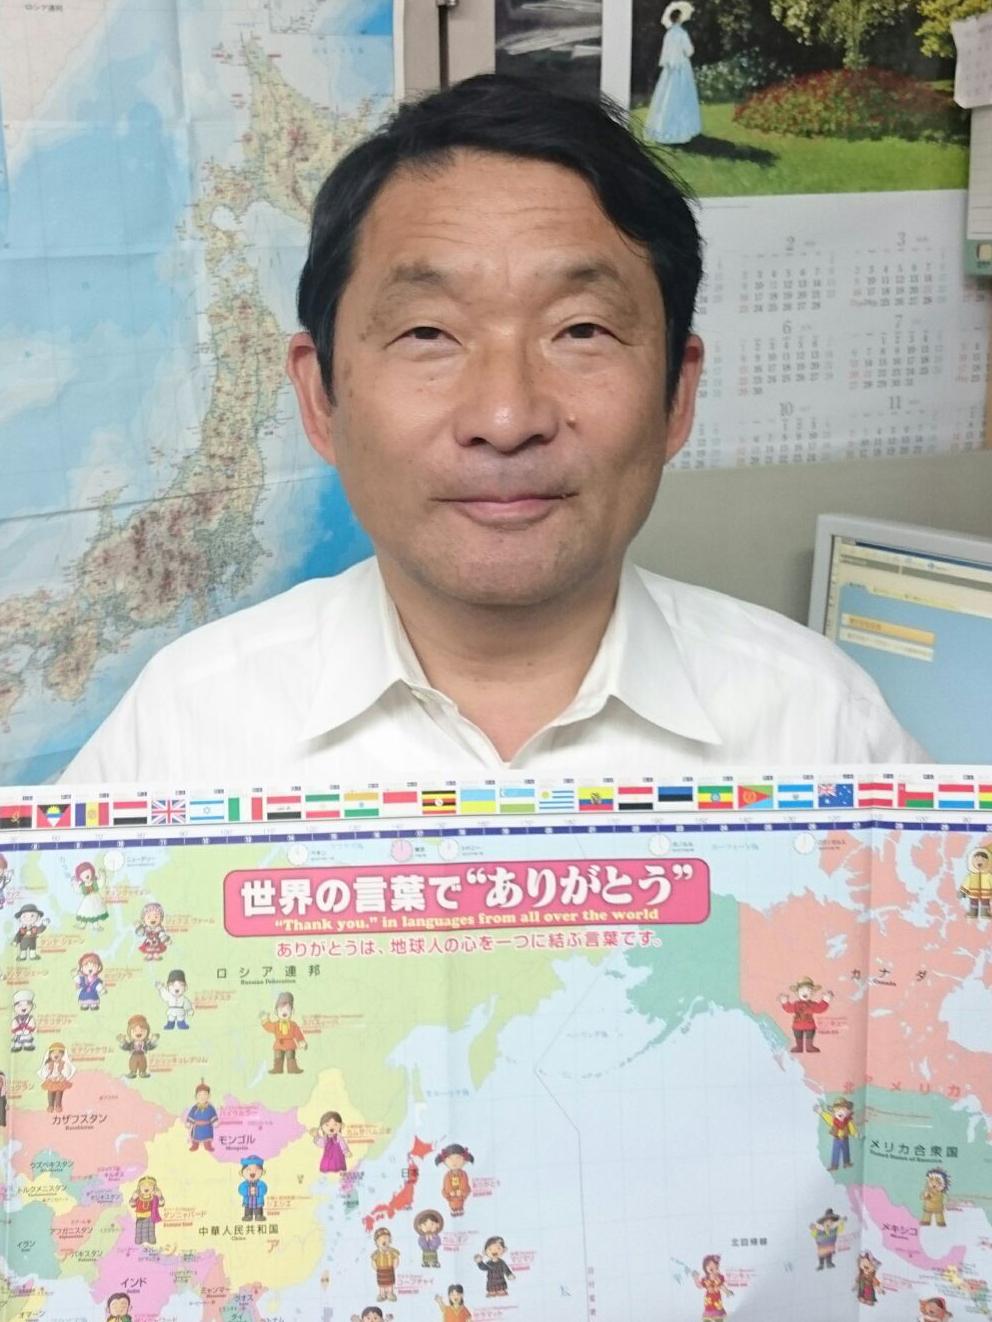 伊坂会計総合事務所 税理士・行政書士 伊坂 勝泰